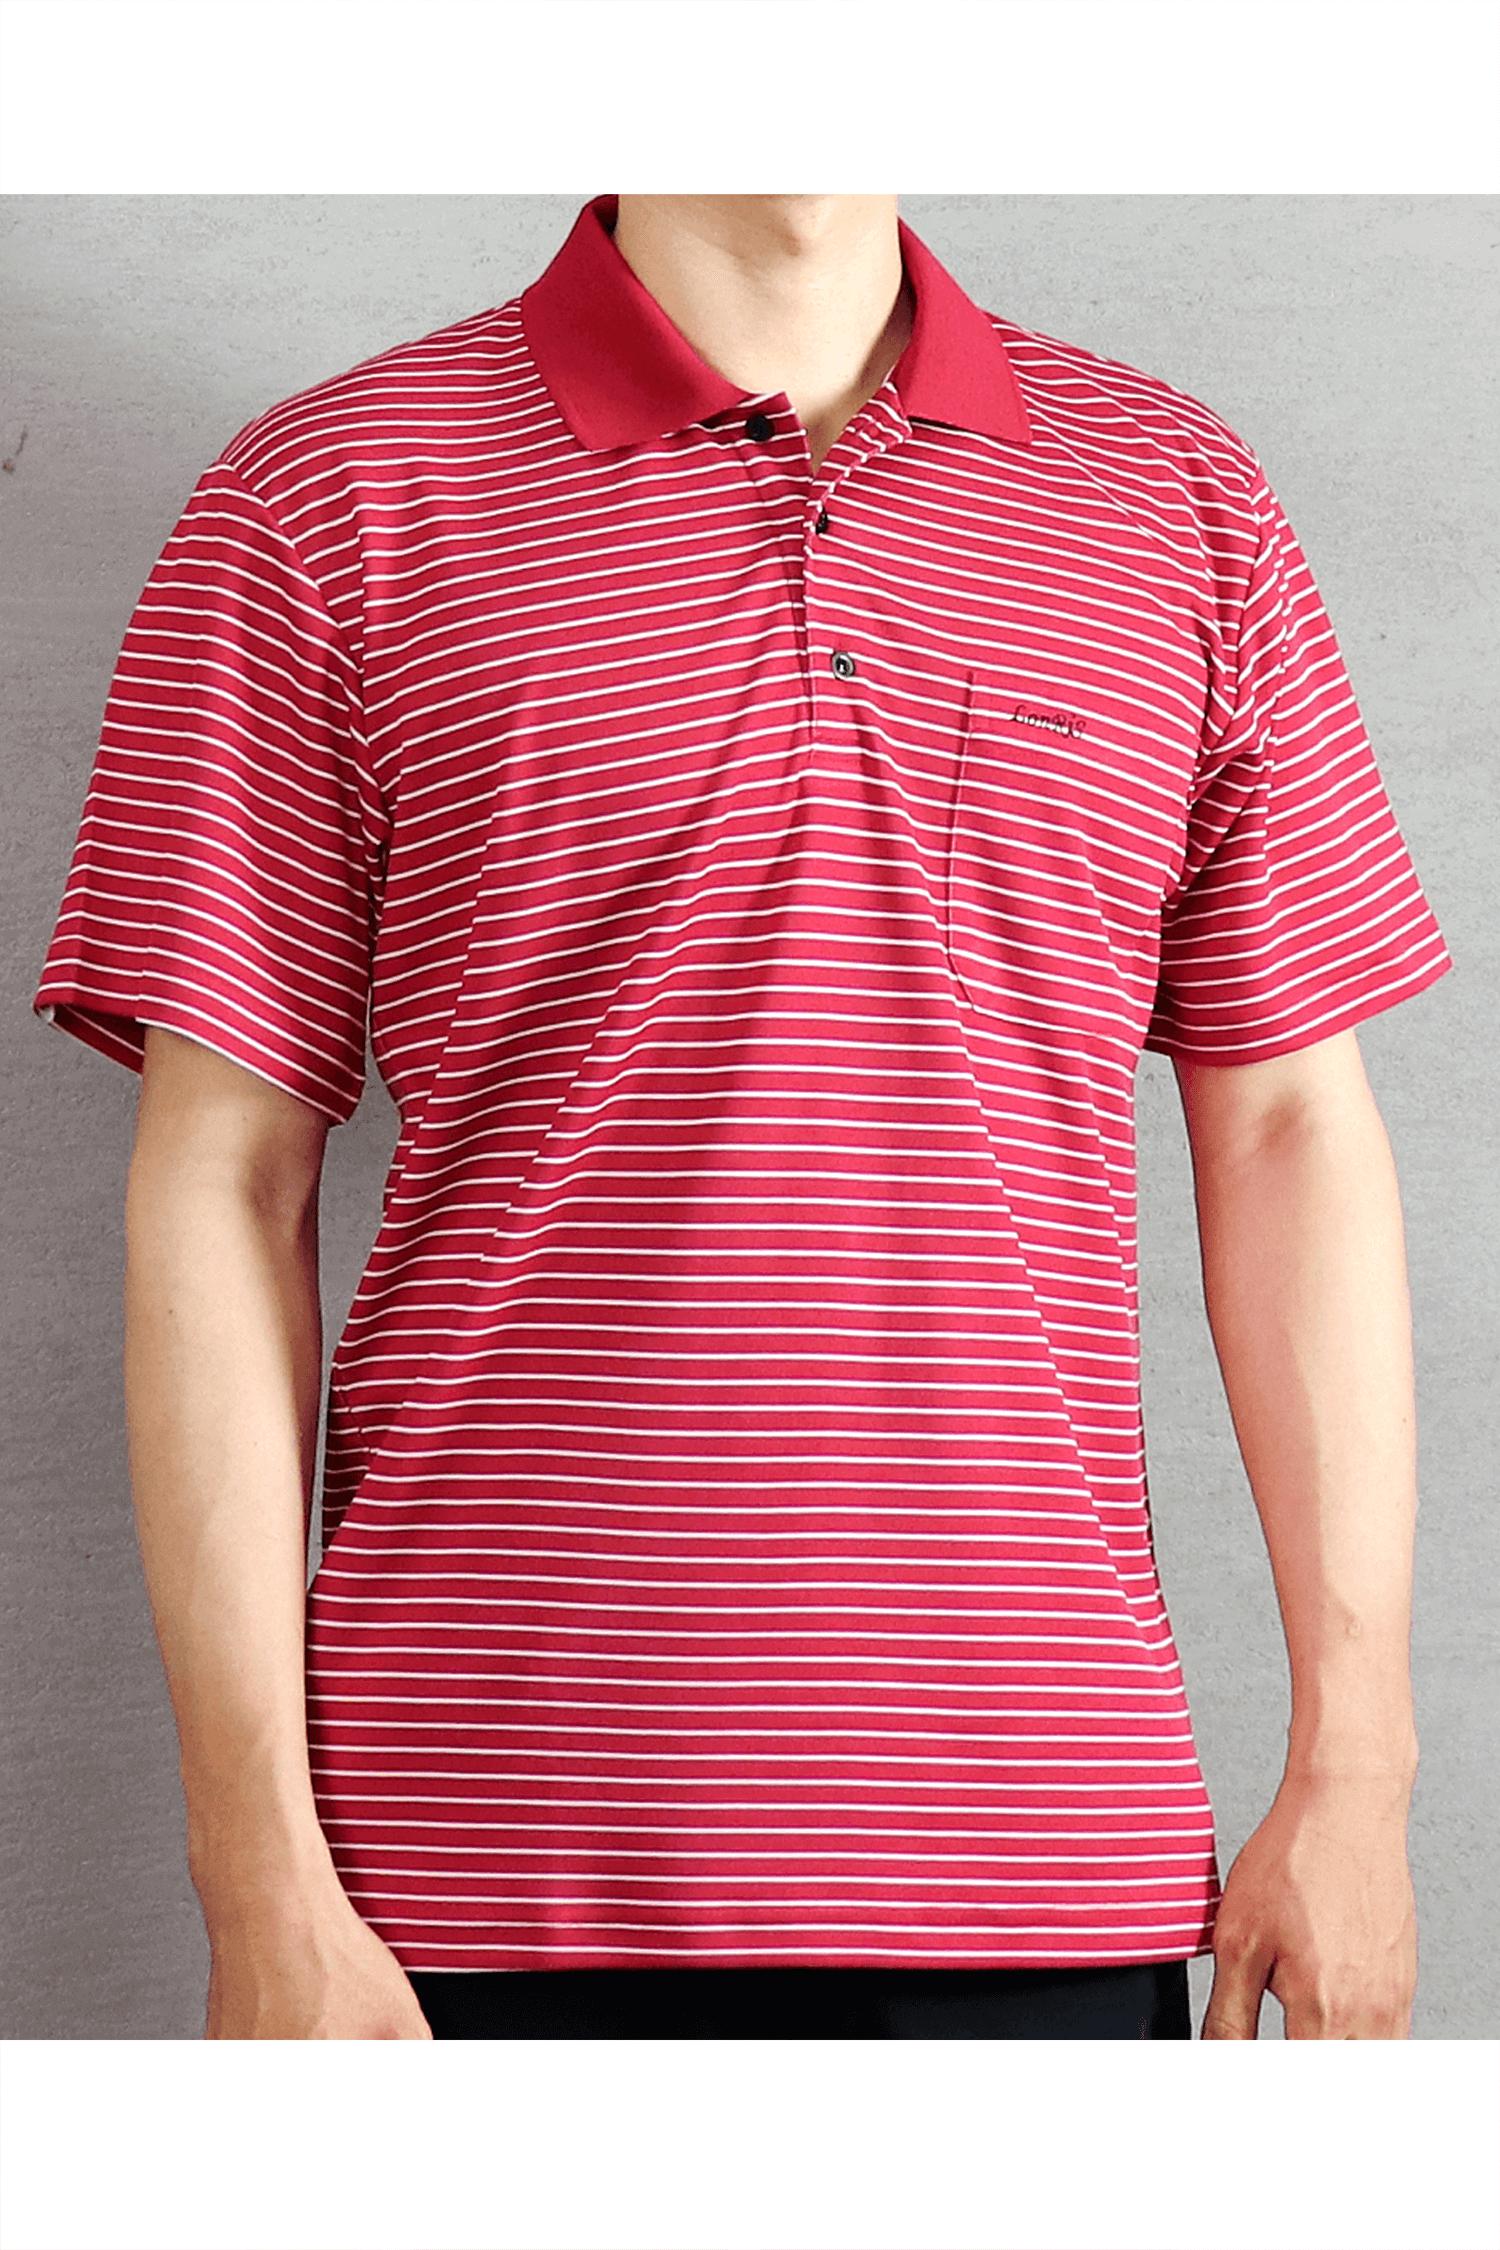 紅色條紋短袖POLO衫/吸濕排汗 速乾